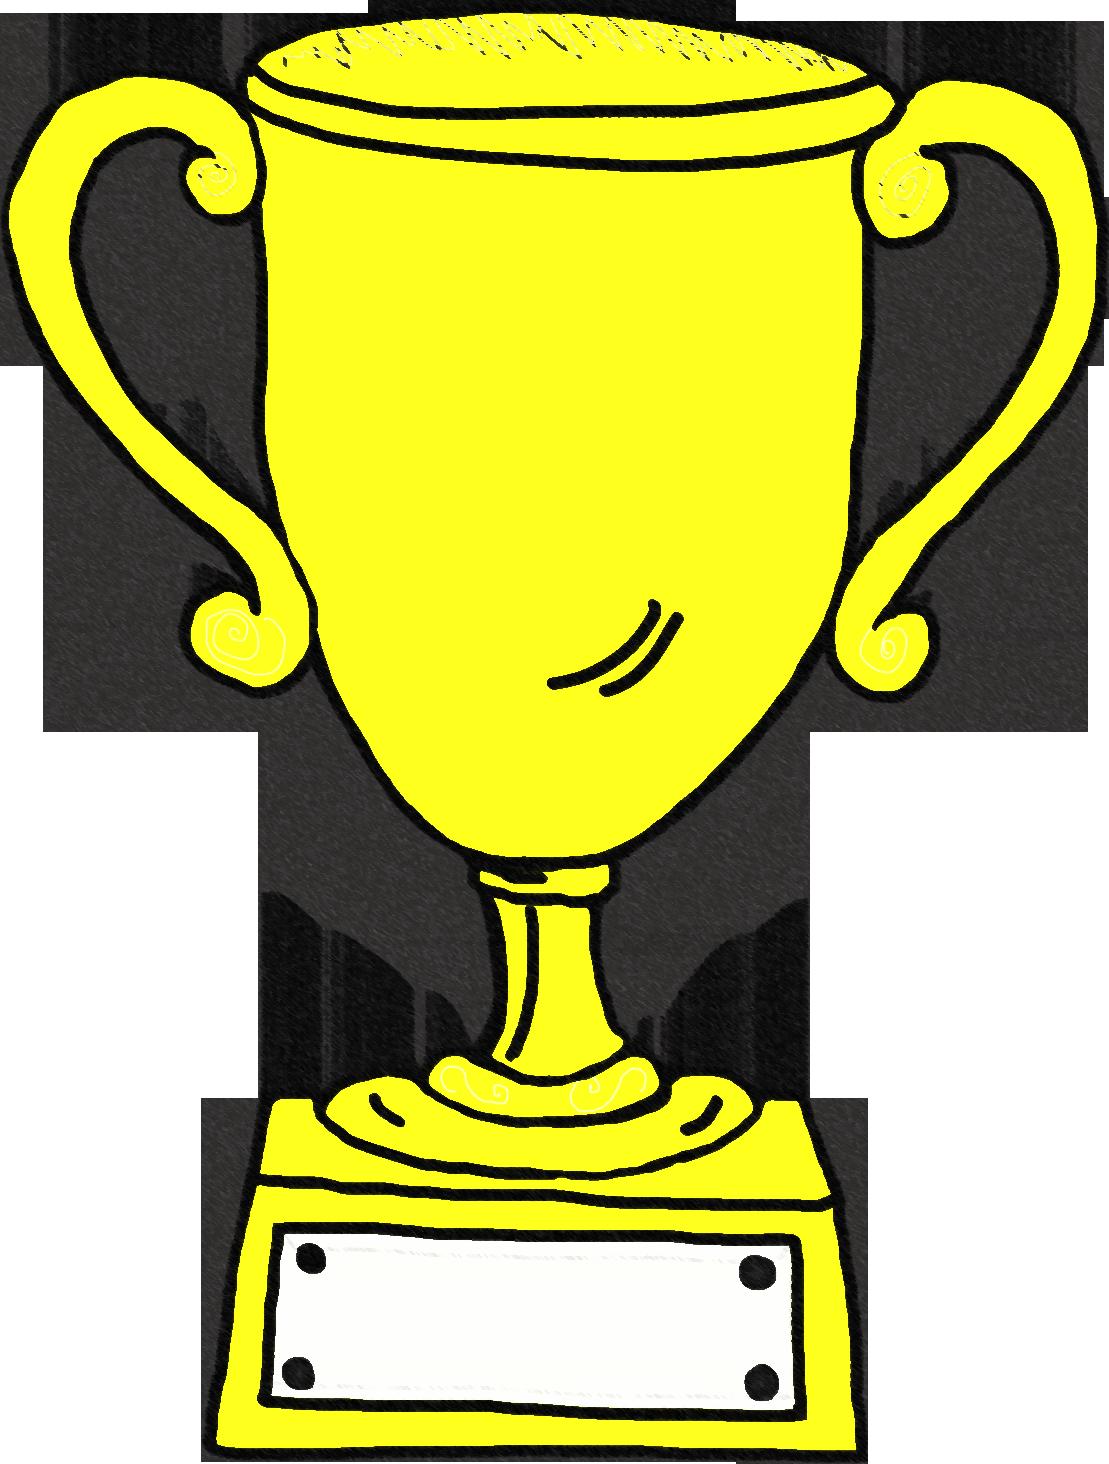 1st place trophy clipart 2